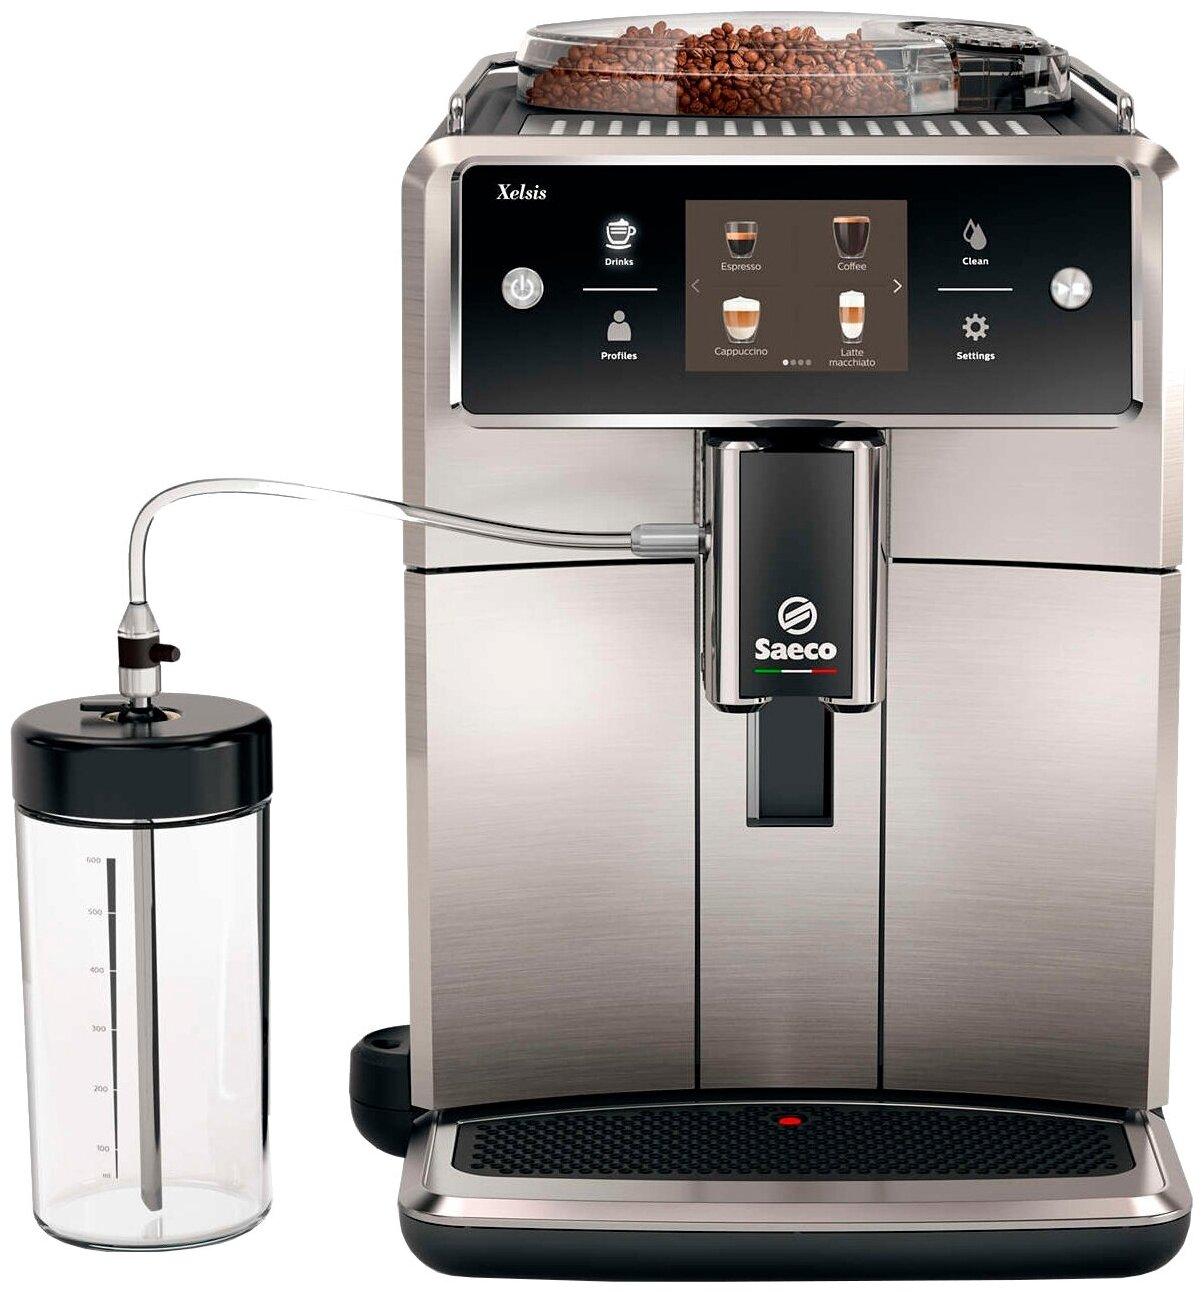 Saeco SM7683 Xelsis - тип используемого кофе: молотый / зерновой